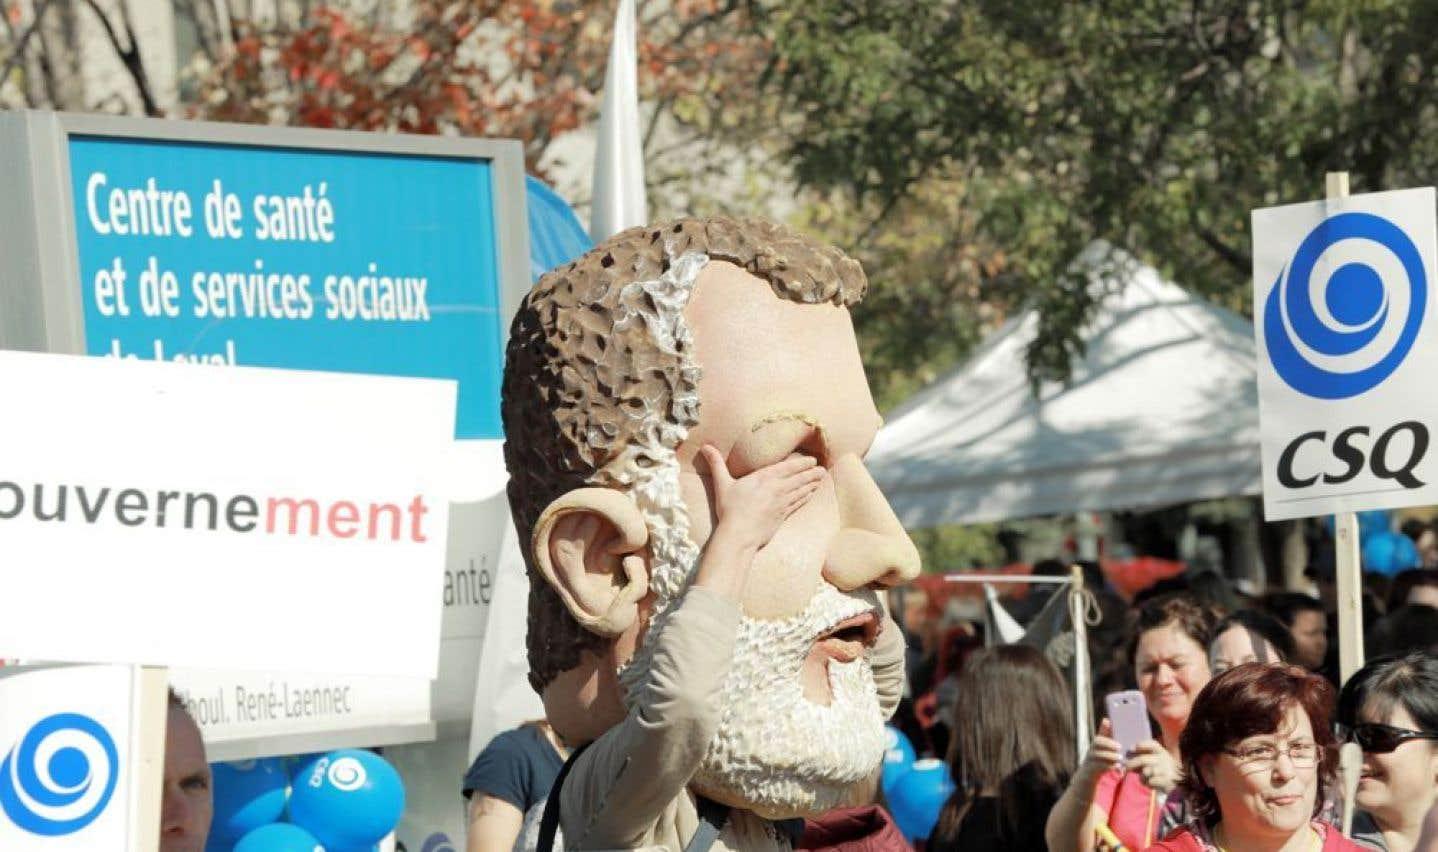 Les centrales syndicales exigent  un débat de fond sur la lutte au déficit